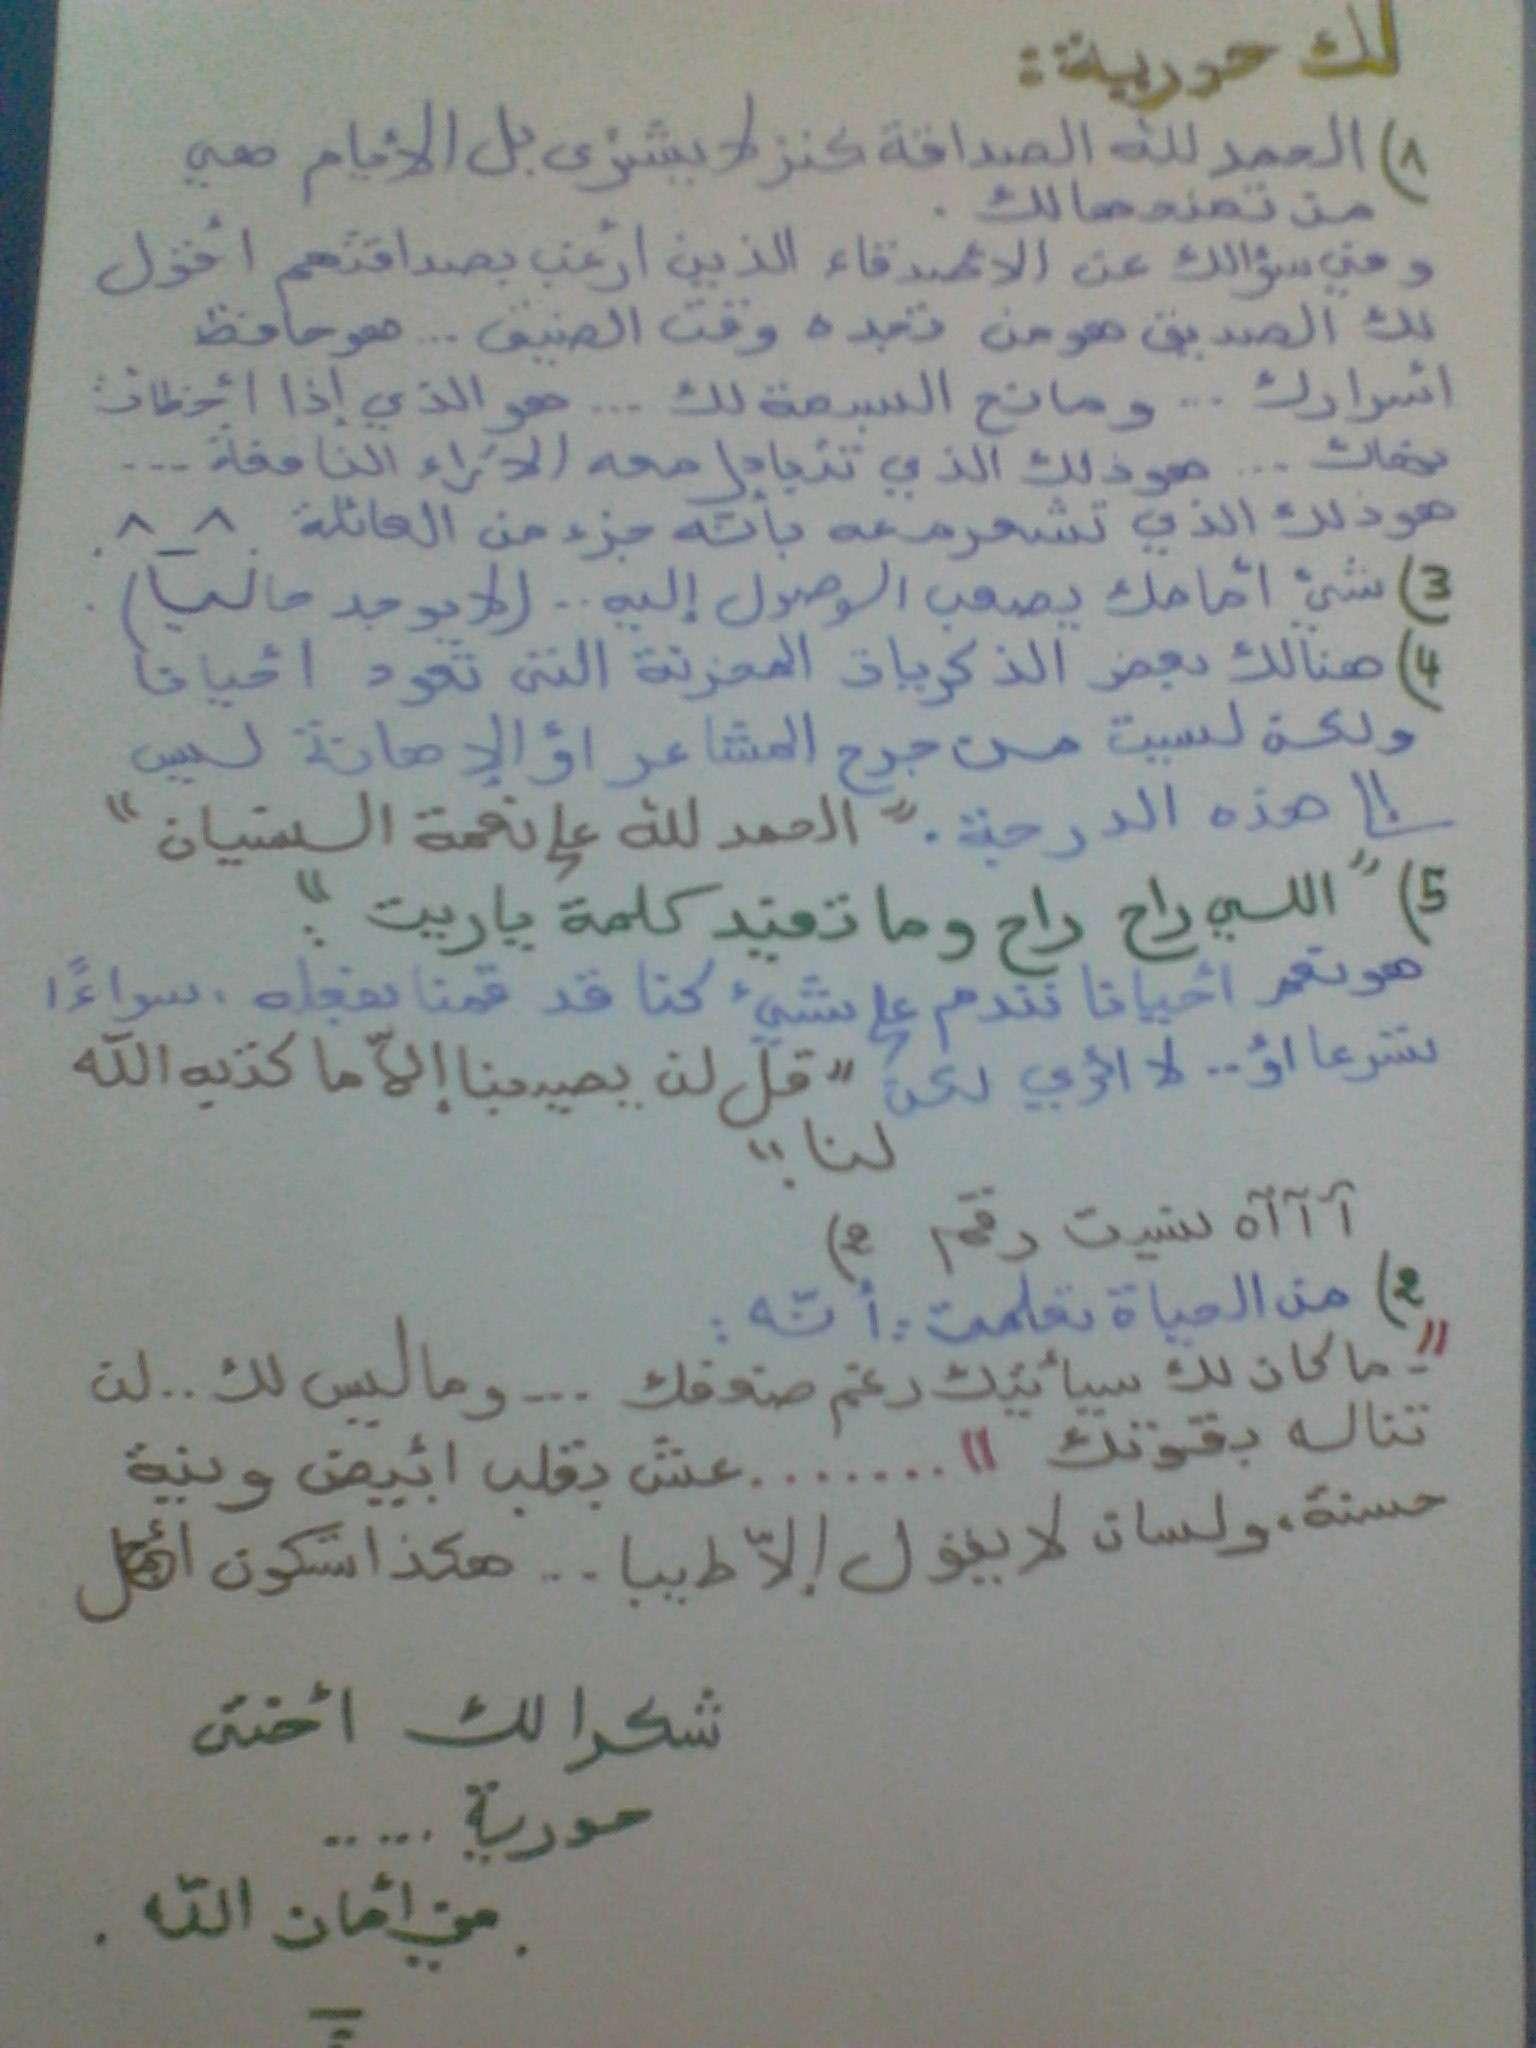 نجمة من نجمات المنتدى اليوم في كرسي الاعتراف Dsc03410